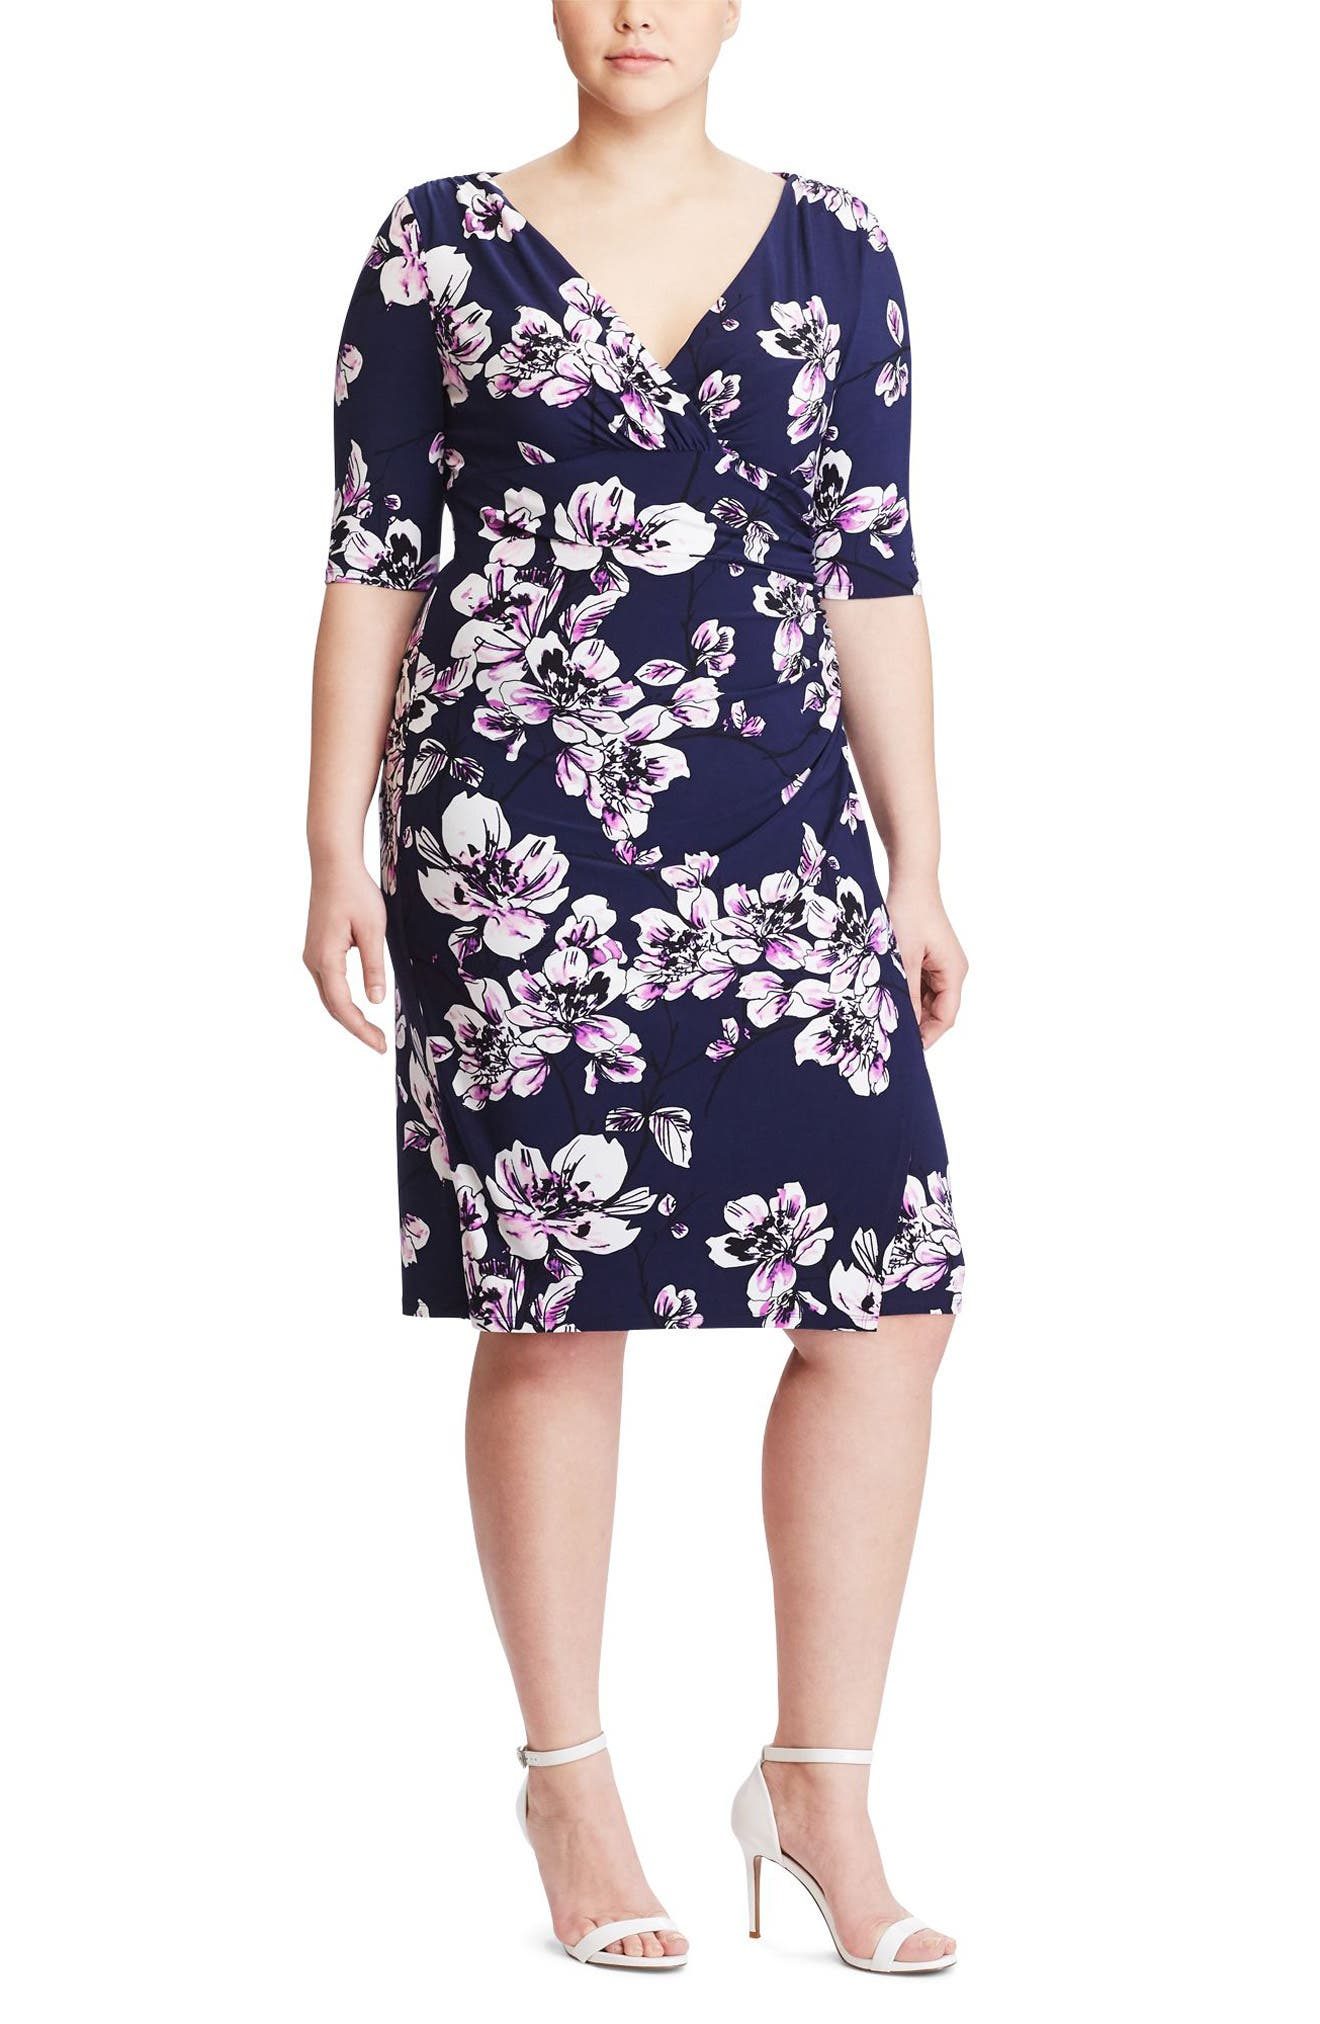 Alternate Image 1 Selected - Lauren Ralph Lauren Floral Print Faux Wrap Dress (Plus Size)